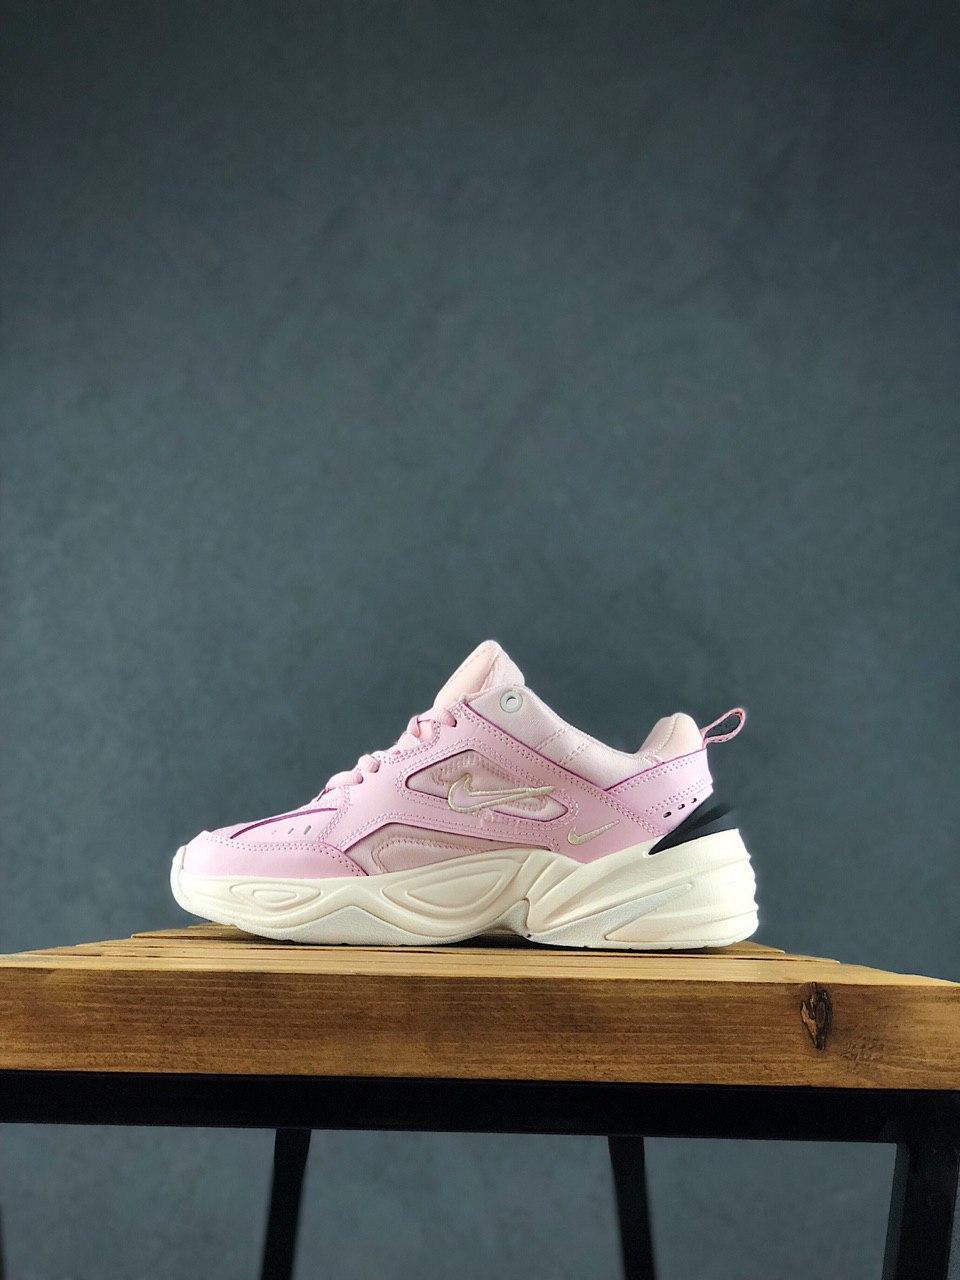 Женские осенние кроссовки Nike M2k Tekno (pink), кроссовки Найк М2к Текно (Реплика ААА)